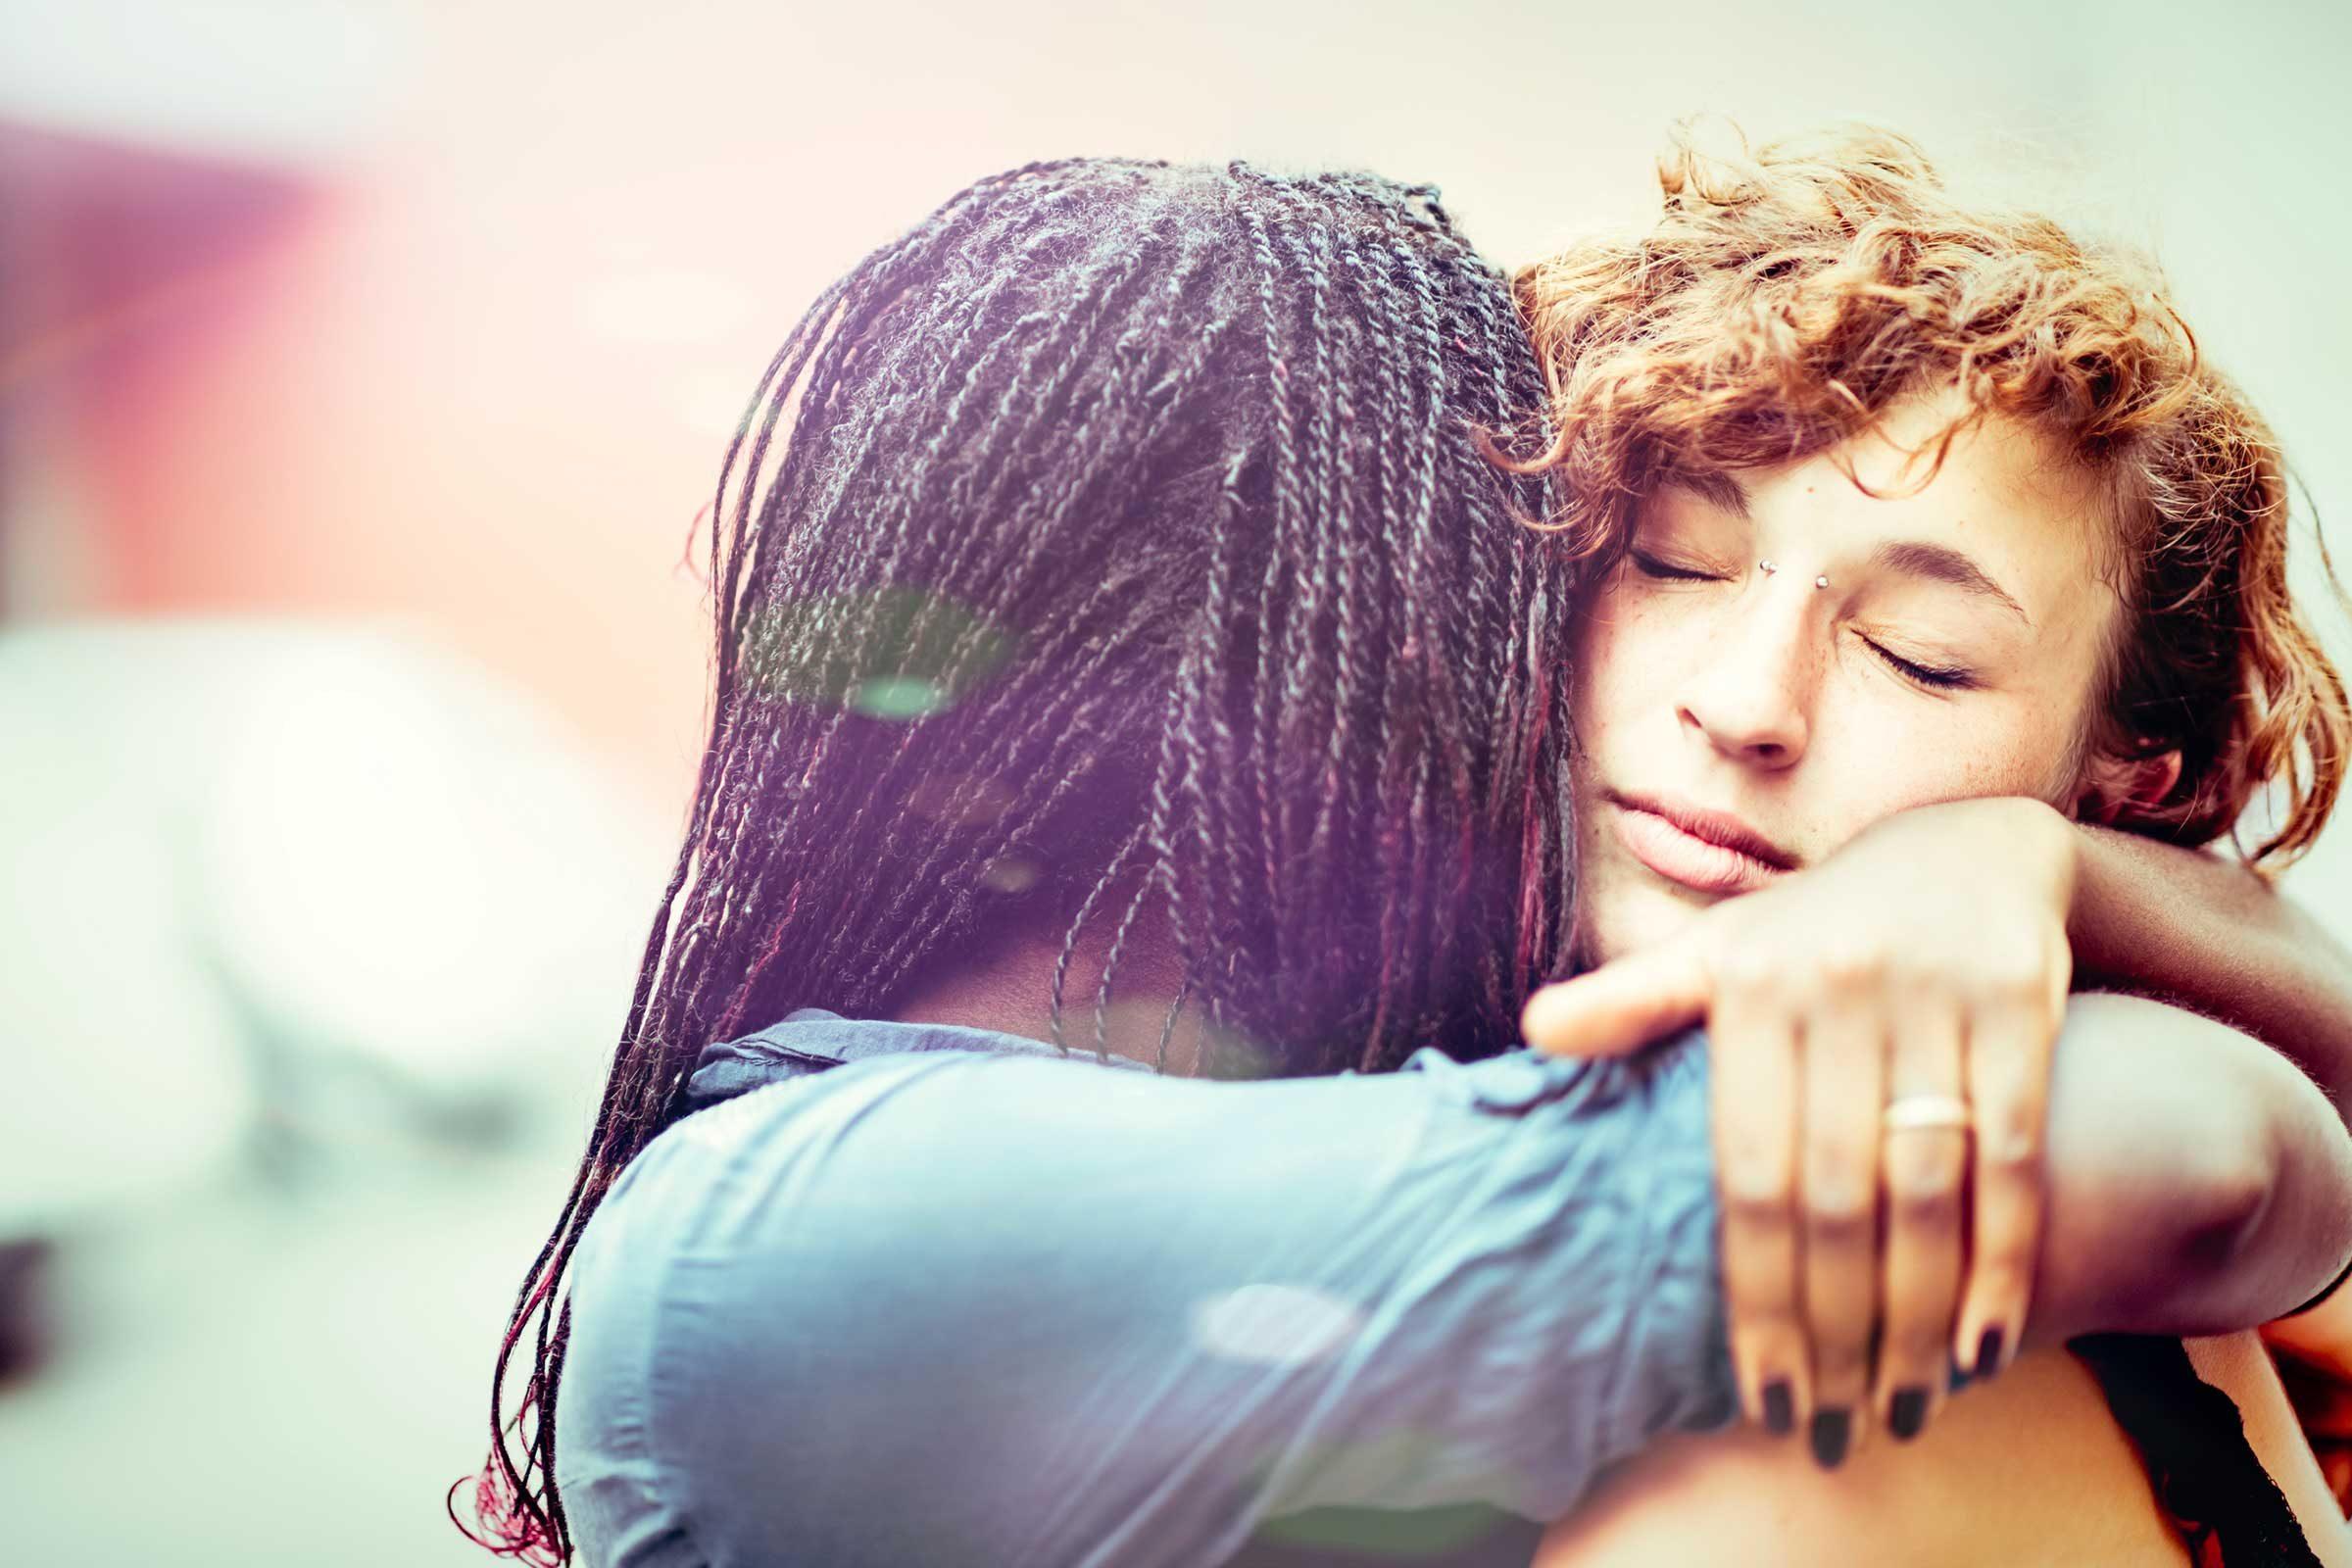 Si l'un de vos amis est en difficulté, soyez à ses côtés.